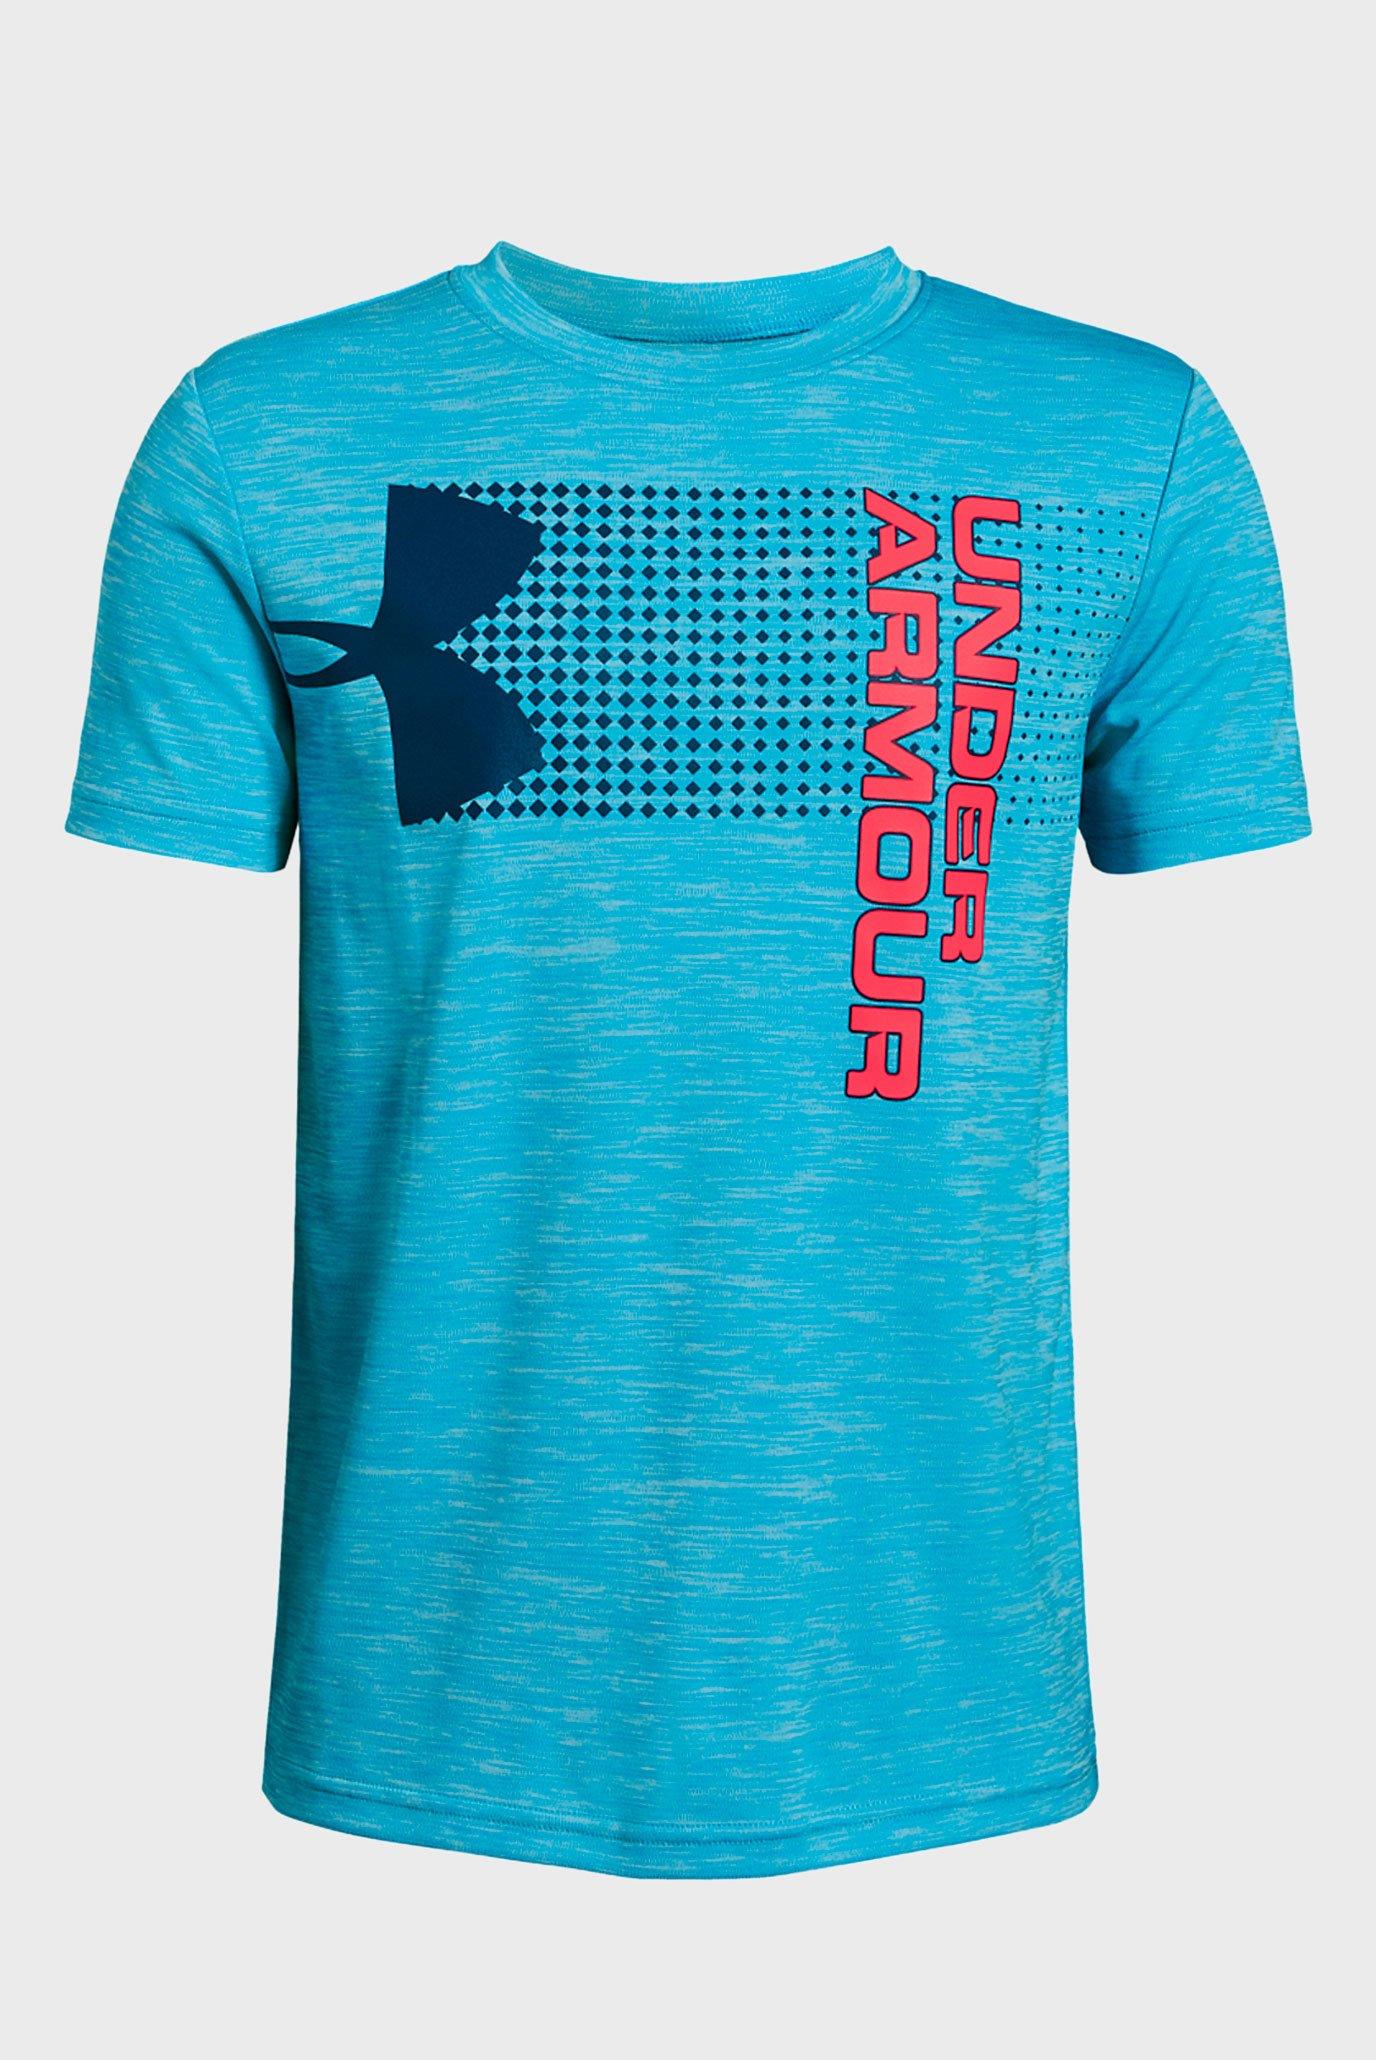 Купить Детская голубая футболка Crossfade Tee Under Armour Under Armour 1331684-452 – Киев, Украина. Цены в интернет магазине MD Fashion